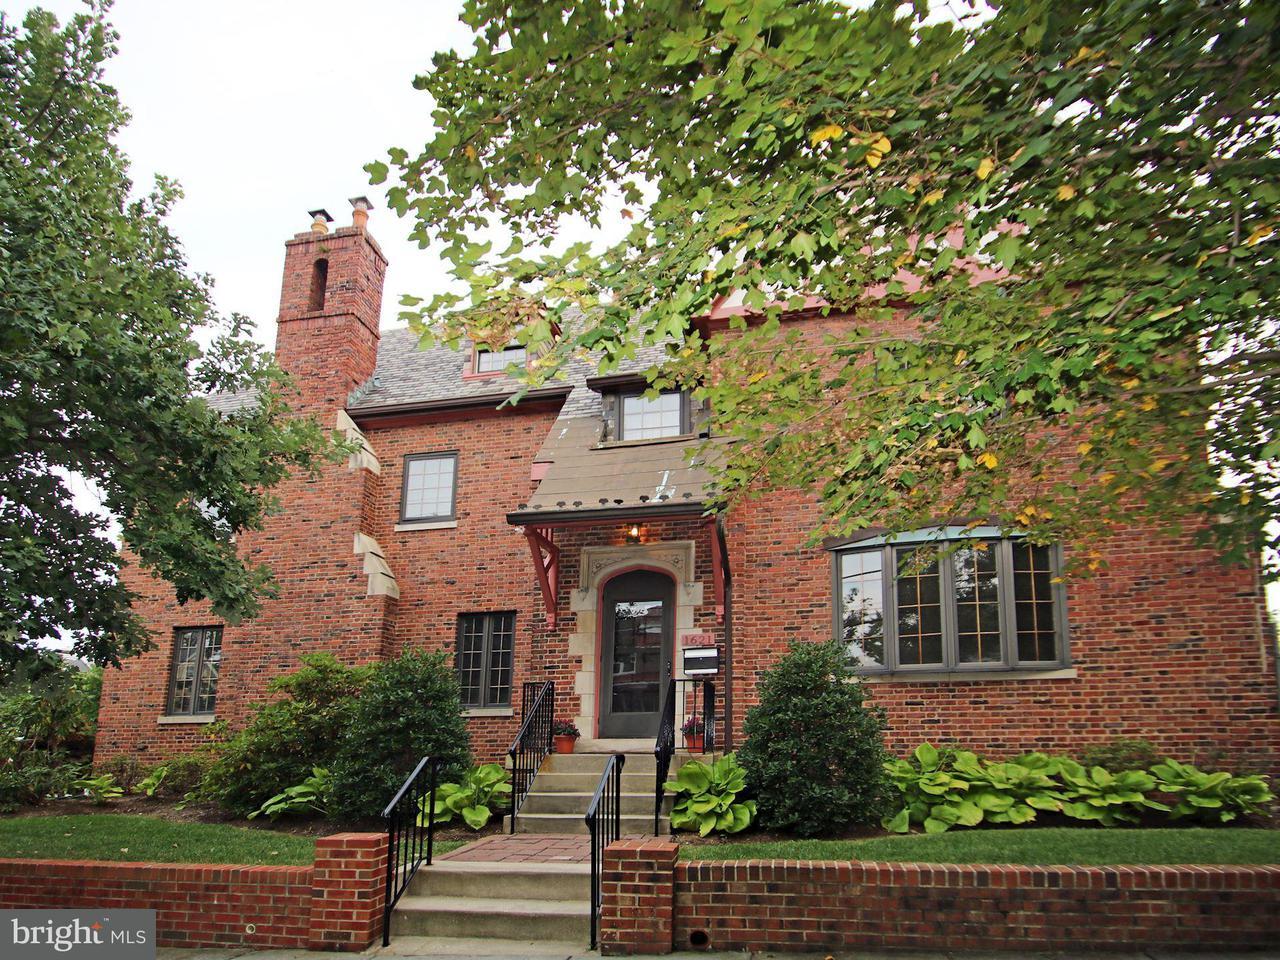 Μονοκατοικία για την Πώληση στο 1621 OTIS ST NE 1621 OTIS ST NE Washington, Περιφερεια Τησ Κολουμπια 20018 Ηνωμενεσ Πολιτειεσ